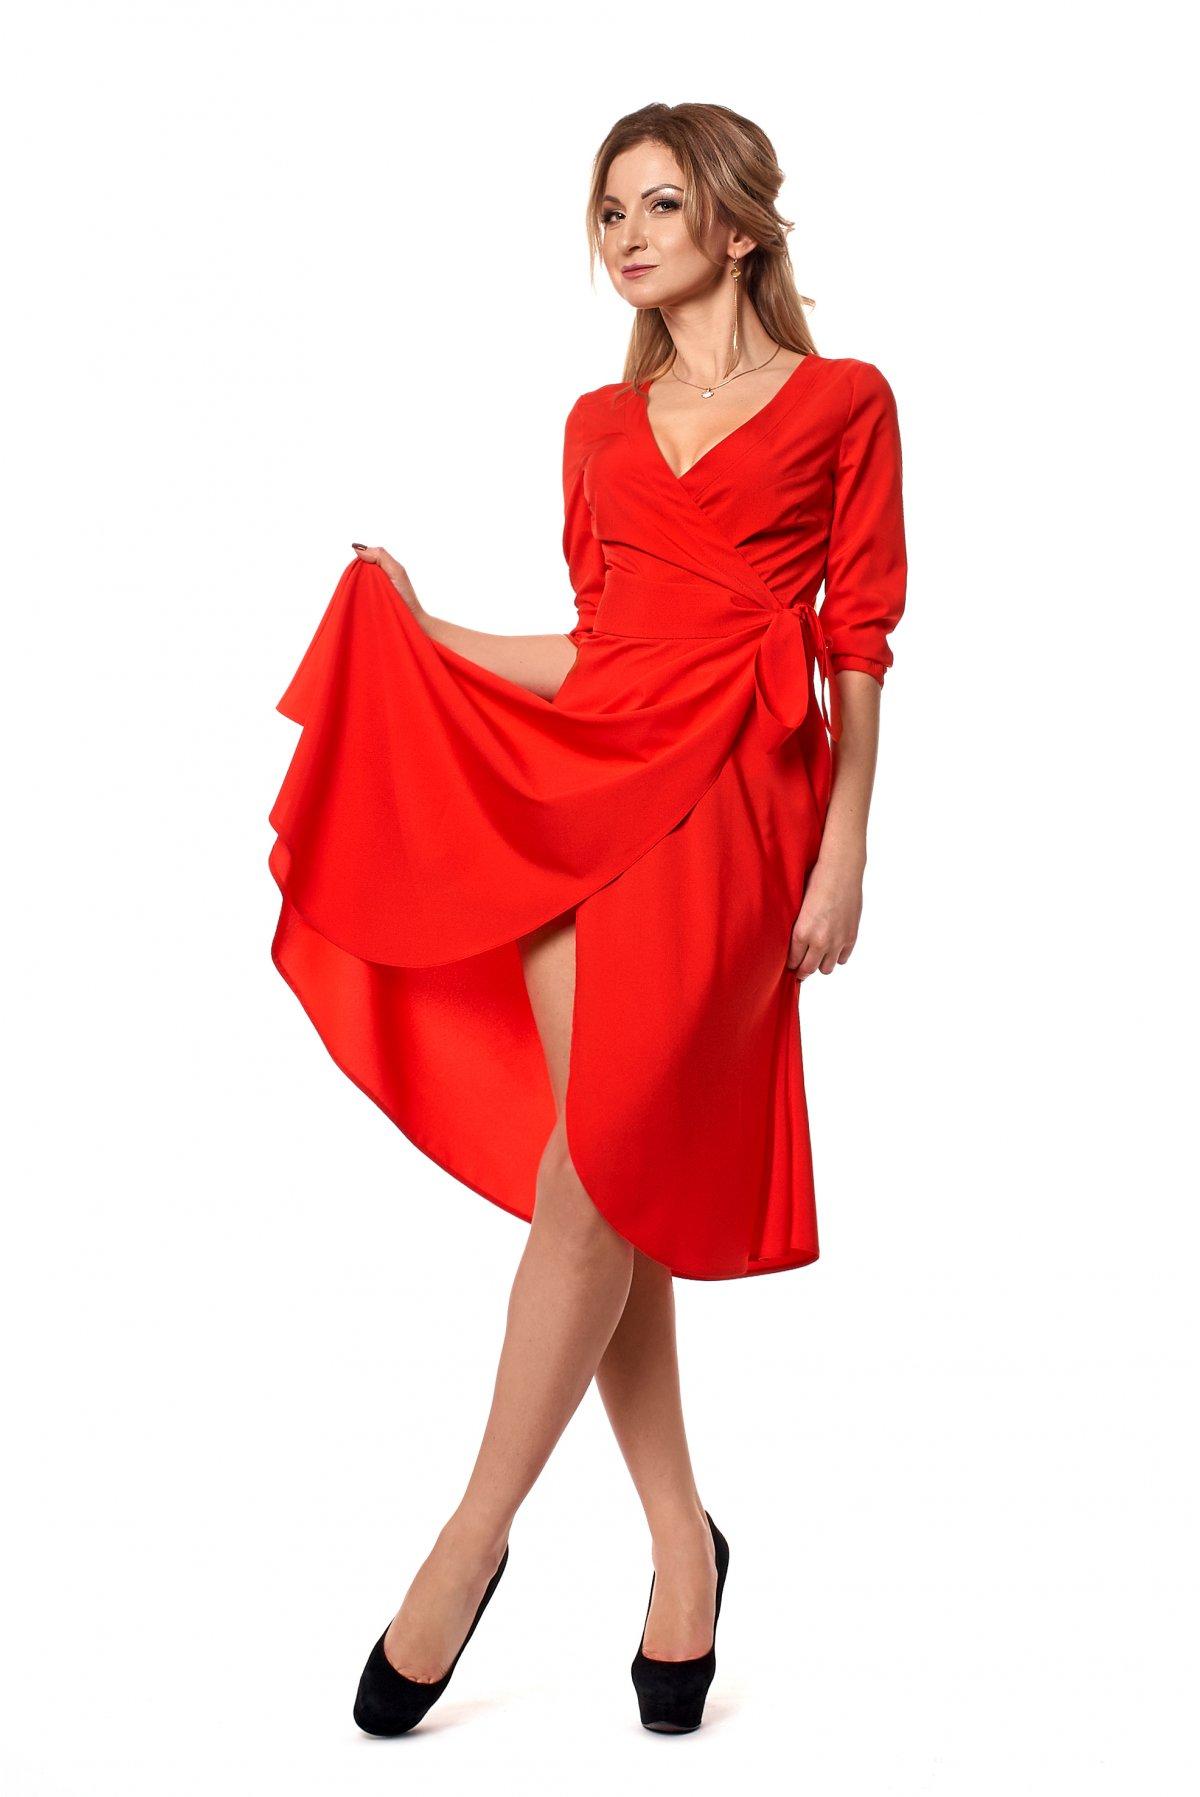 Женское платье на запах (фото) - Фотогалерея стильной одежды ... 32c5d56b49c5a